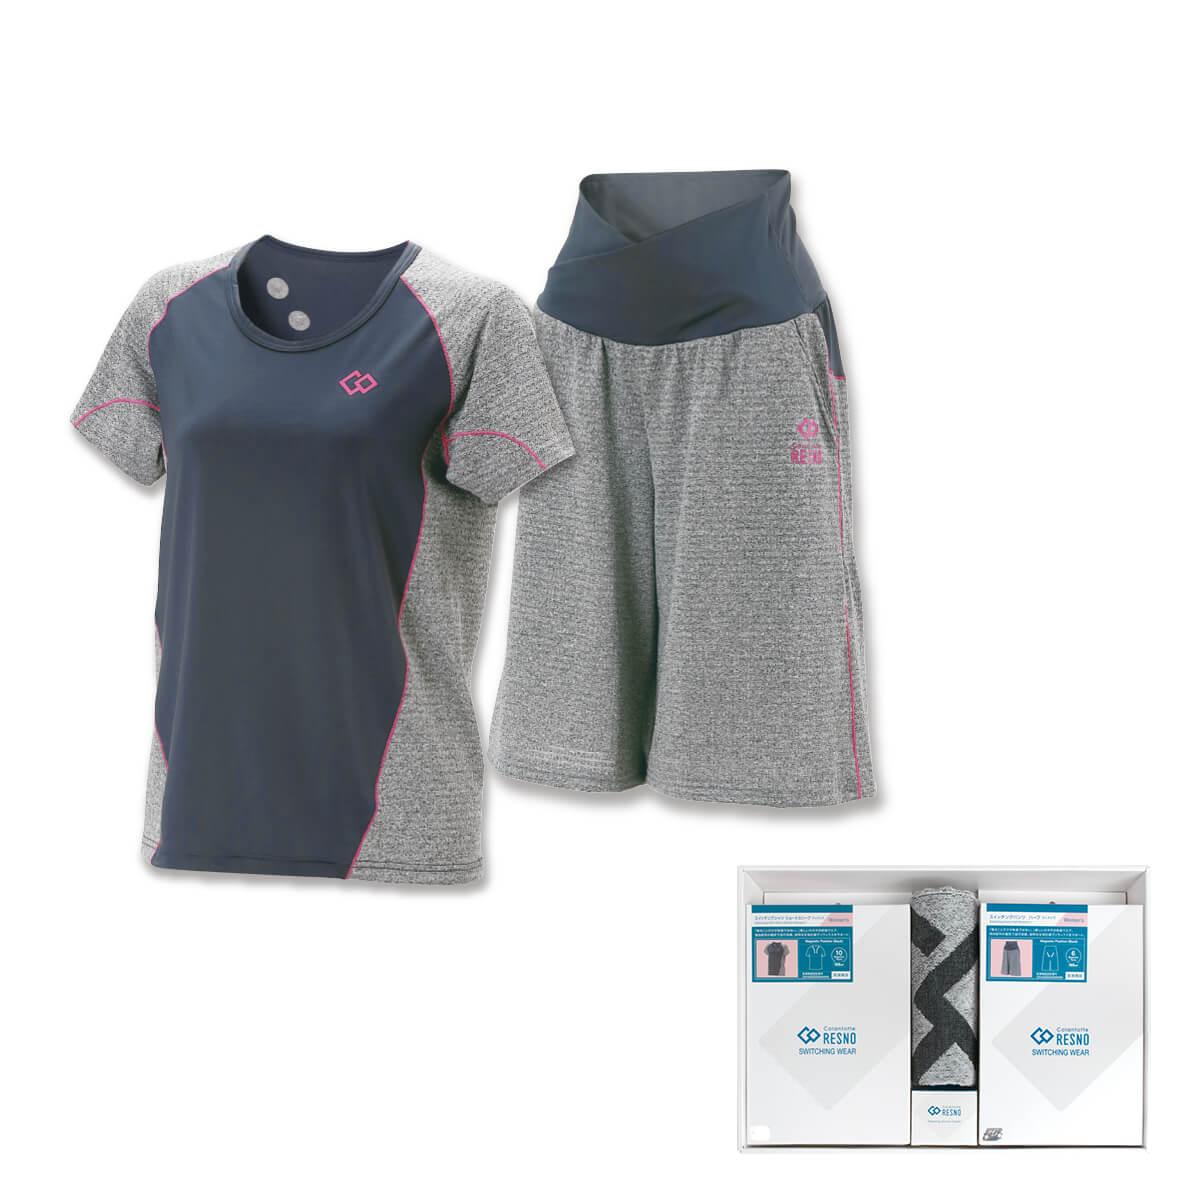 コラントッテRESNO スイッチングシャツ & パンツセット WOMEN'S(ショート × ハーフ)